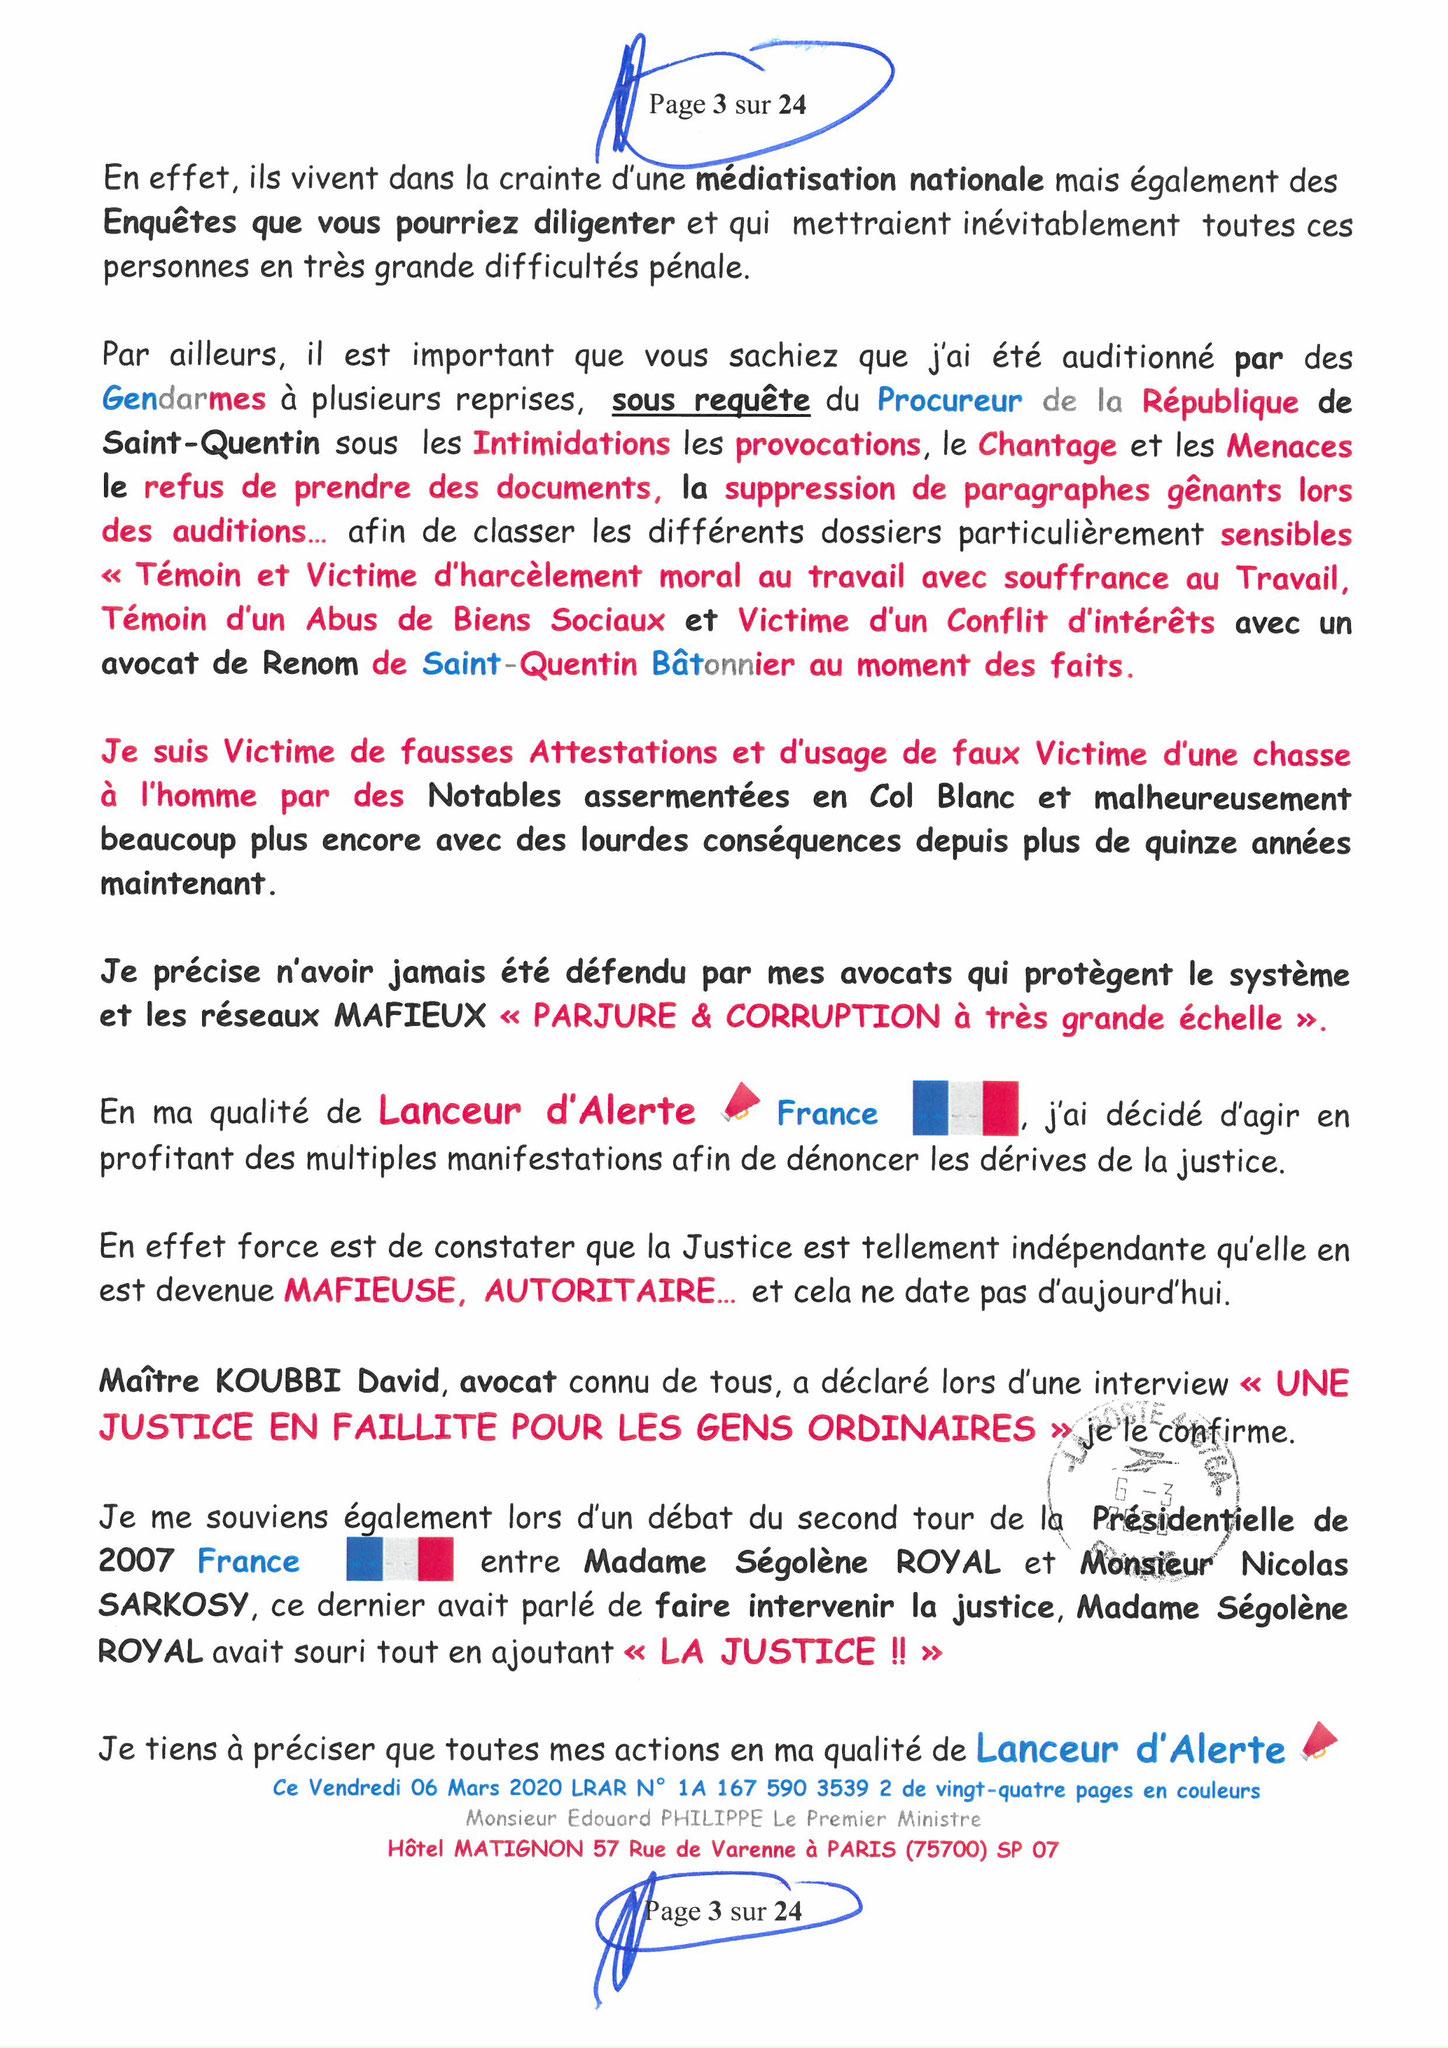 Ma LRAR à Monsieur le  Premier Ministre Edouard PHILIPPE N° 1A 167 590 3539 2 Page 3 sur 24 en Couleur du 06 Mars 2020  www.jesuispatrick.fr